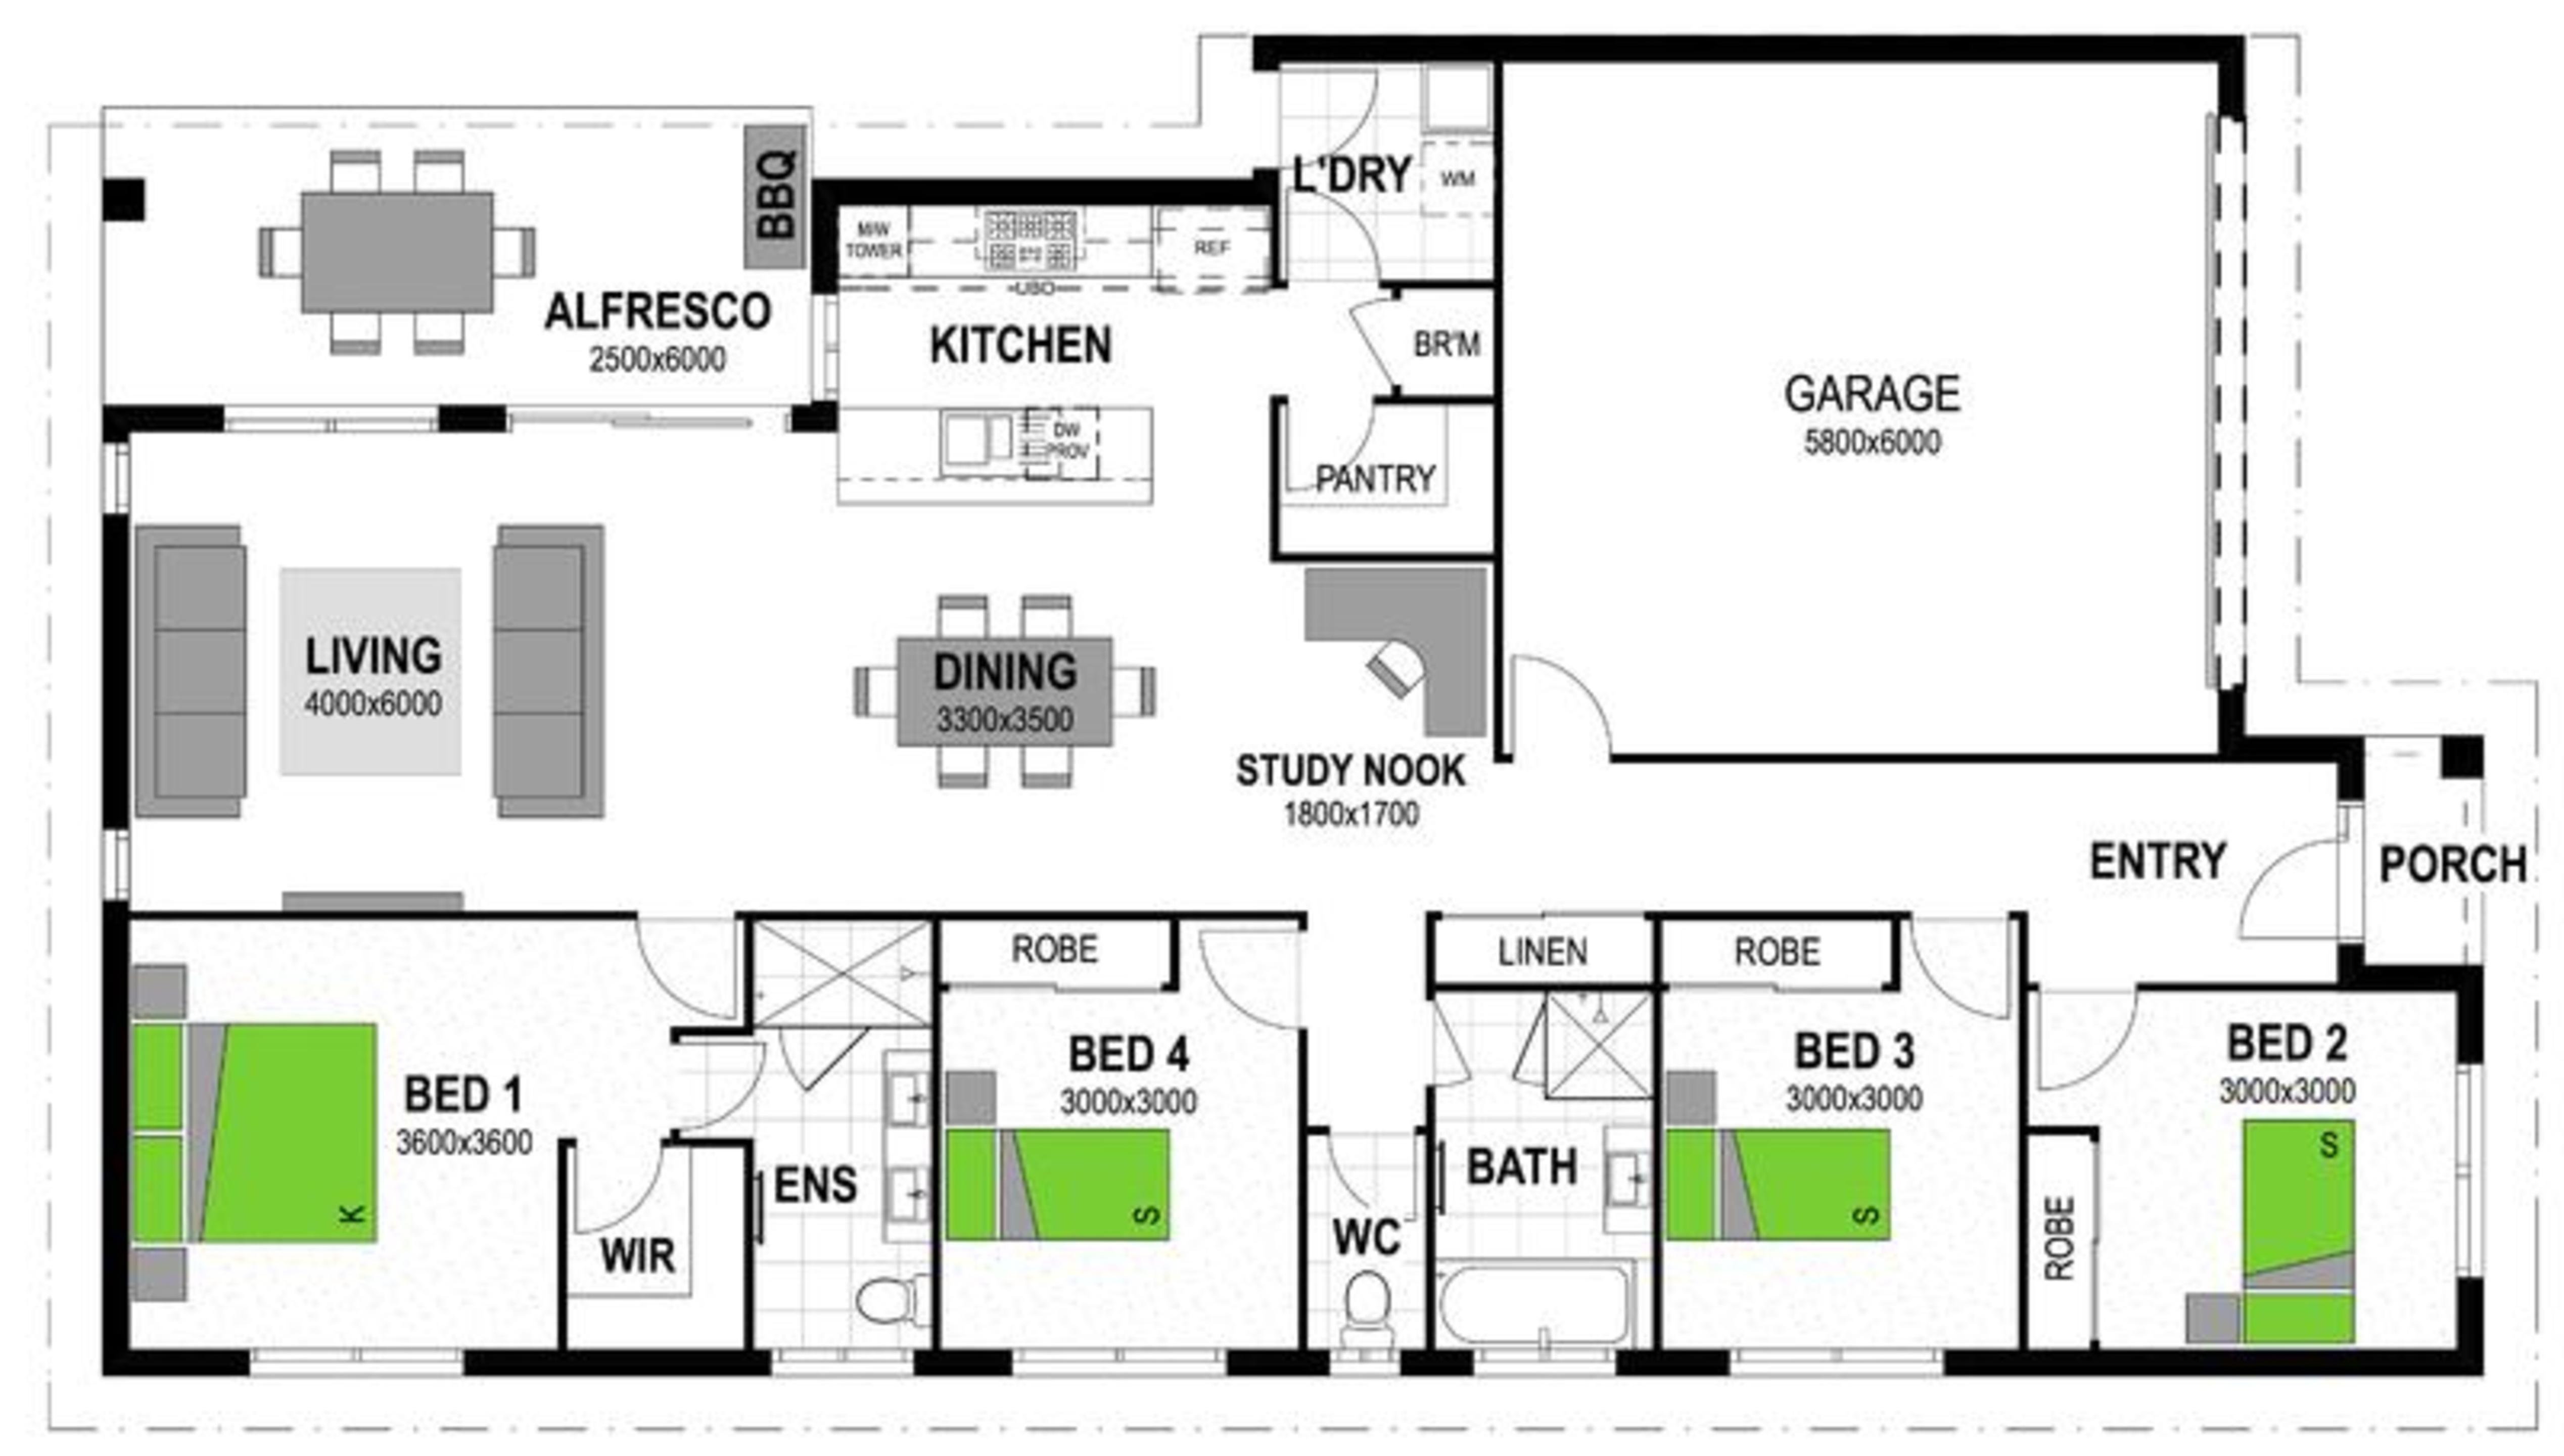 LOT 173 'WOODLINKS VILLAGE' COLLINGWOOD PARK Floorplan